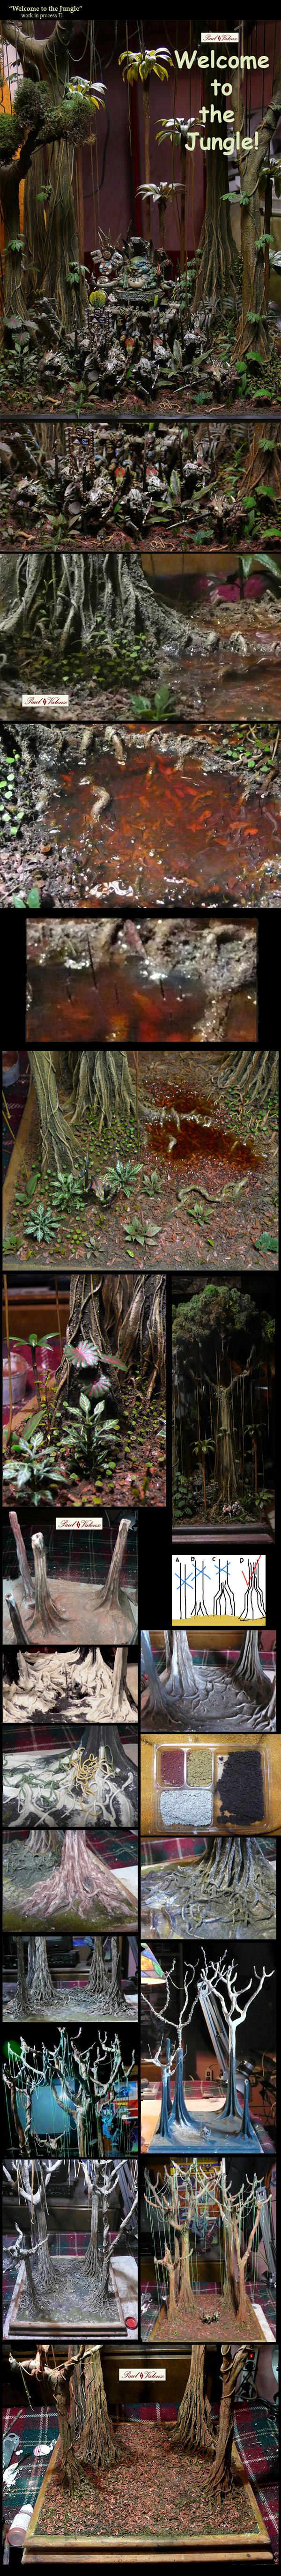 bienvenu dans la jungle par Paul Valenx ( impréssionnant ) Img4e39446b7c0e1